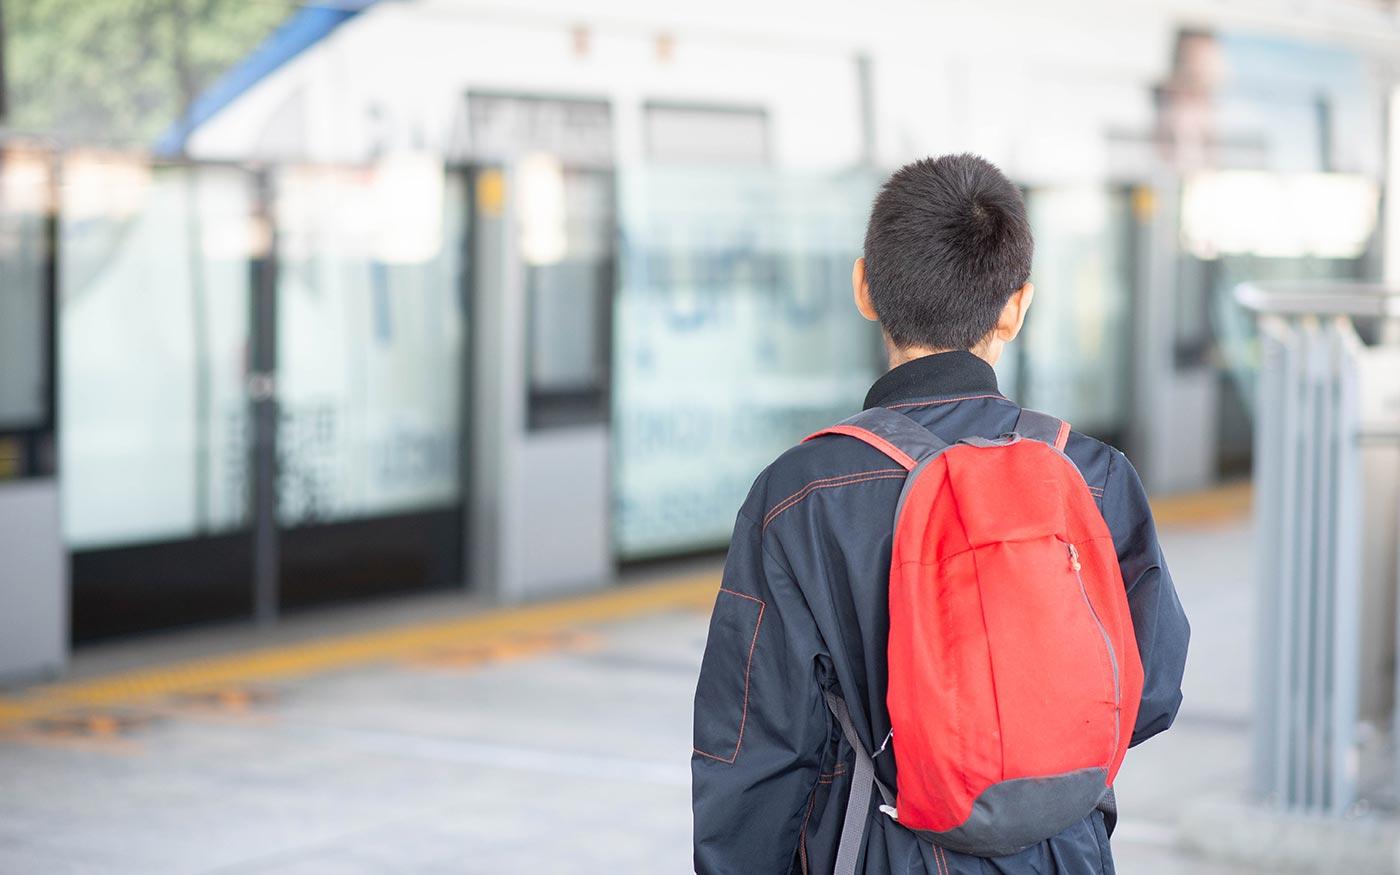 December 15-ig fogadják el a 2019/2020 tanévre érvényesített diákigazolványokat a közösségi közlekedésben